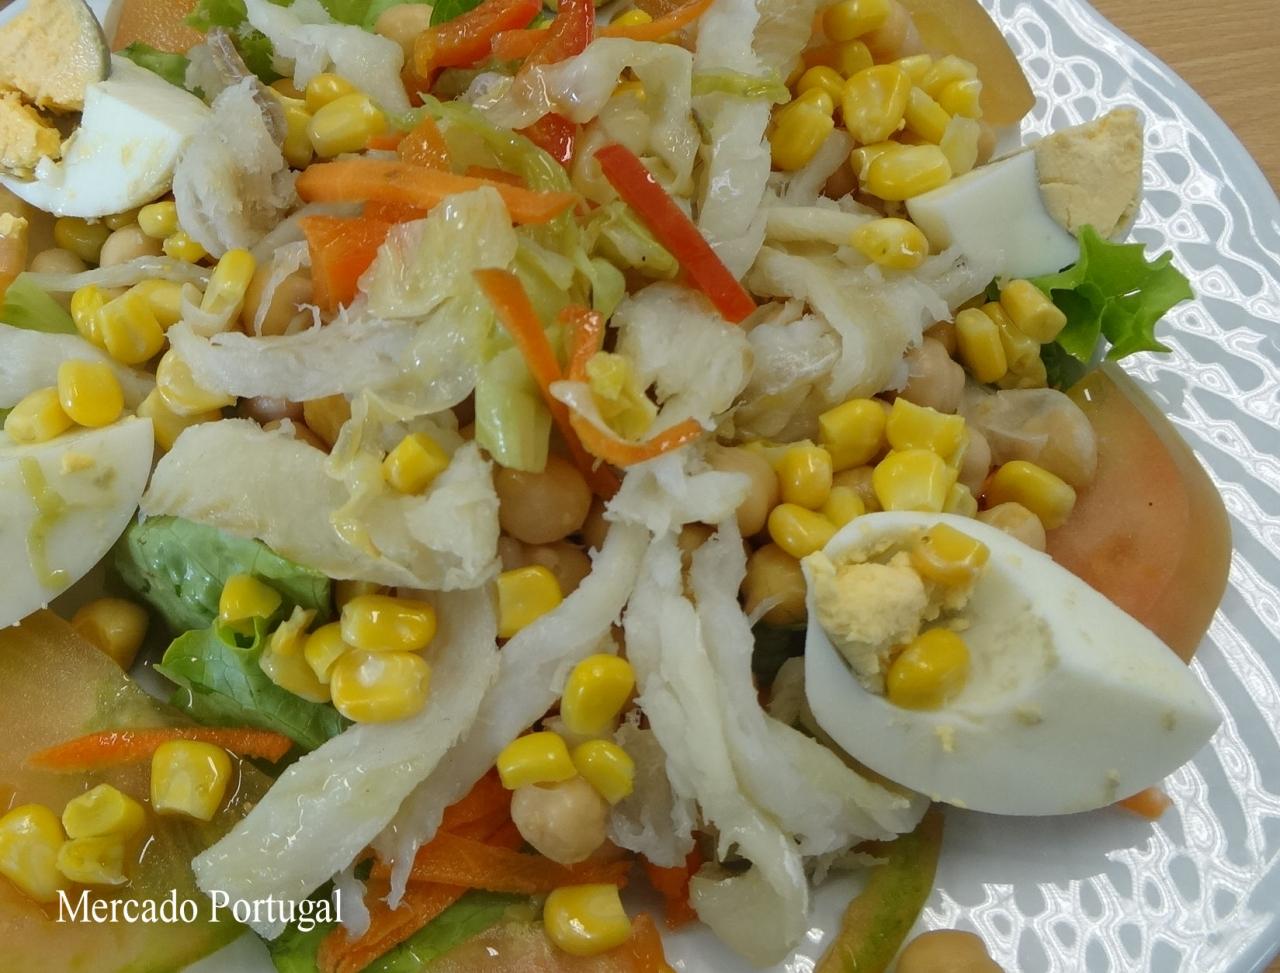 タラ缶とひよこ豆を混ぜ、ゆで卵、トマト、玉ねぎなどとビネガーで和えれば出来上がり。こちらは私の通った学食の定番サラダでした。